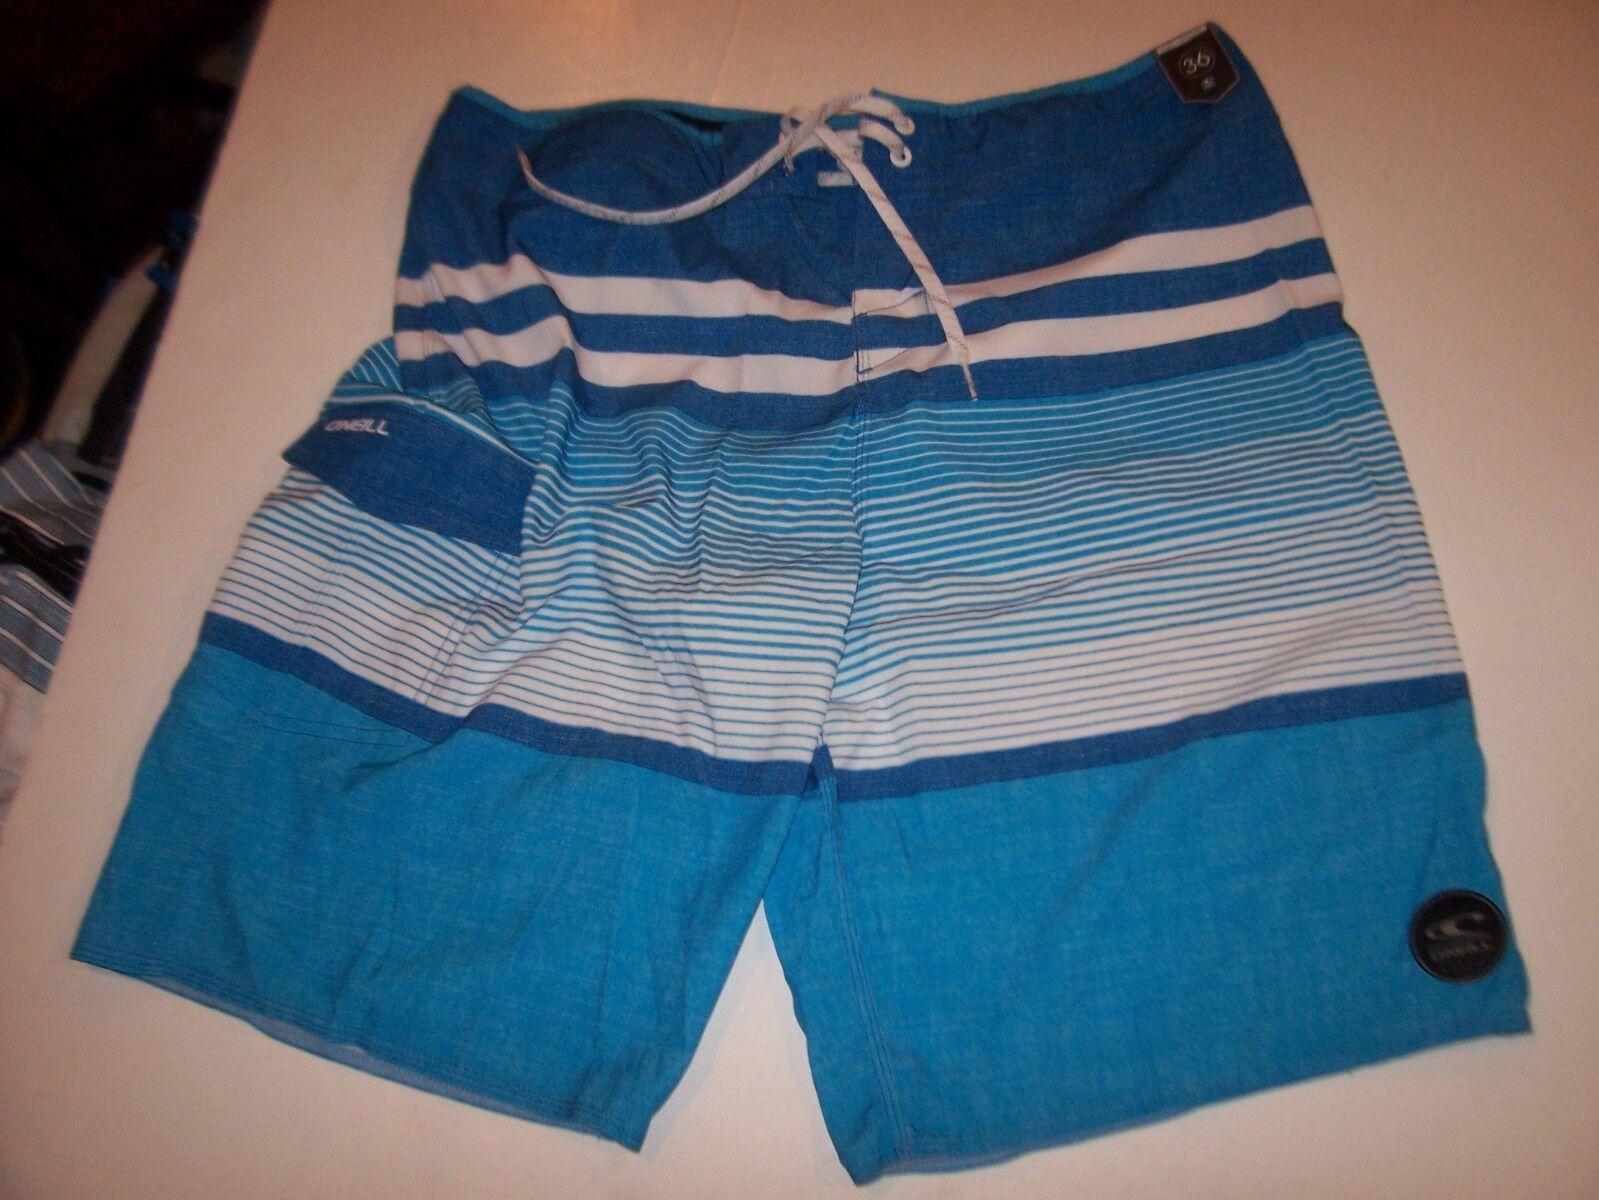 New O'NEILL board shorts HYPERFREAK Heist white bluee turquoise 36 full length